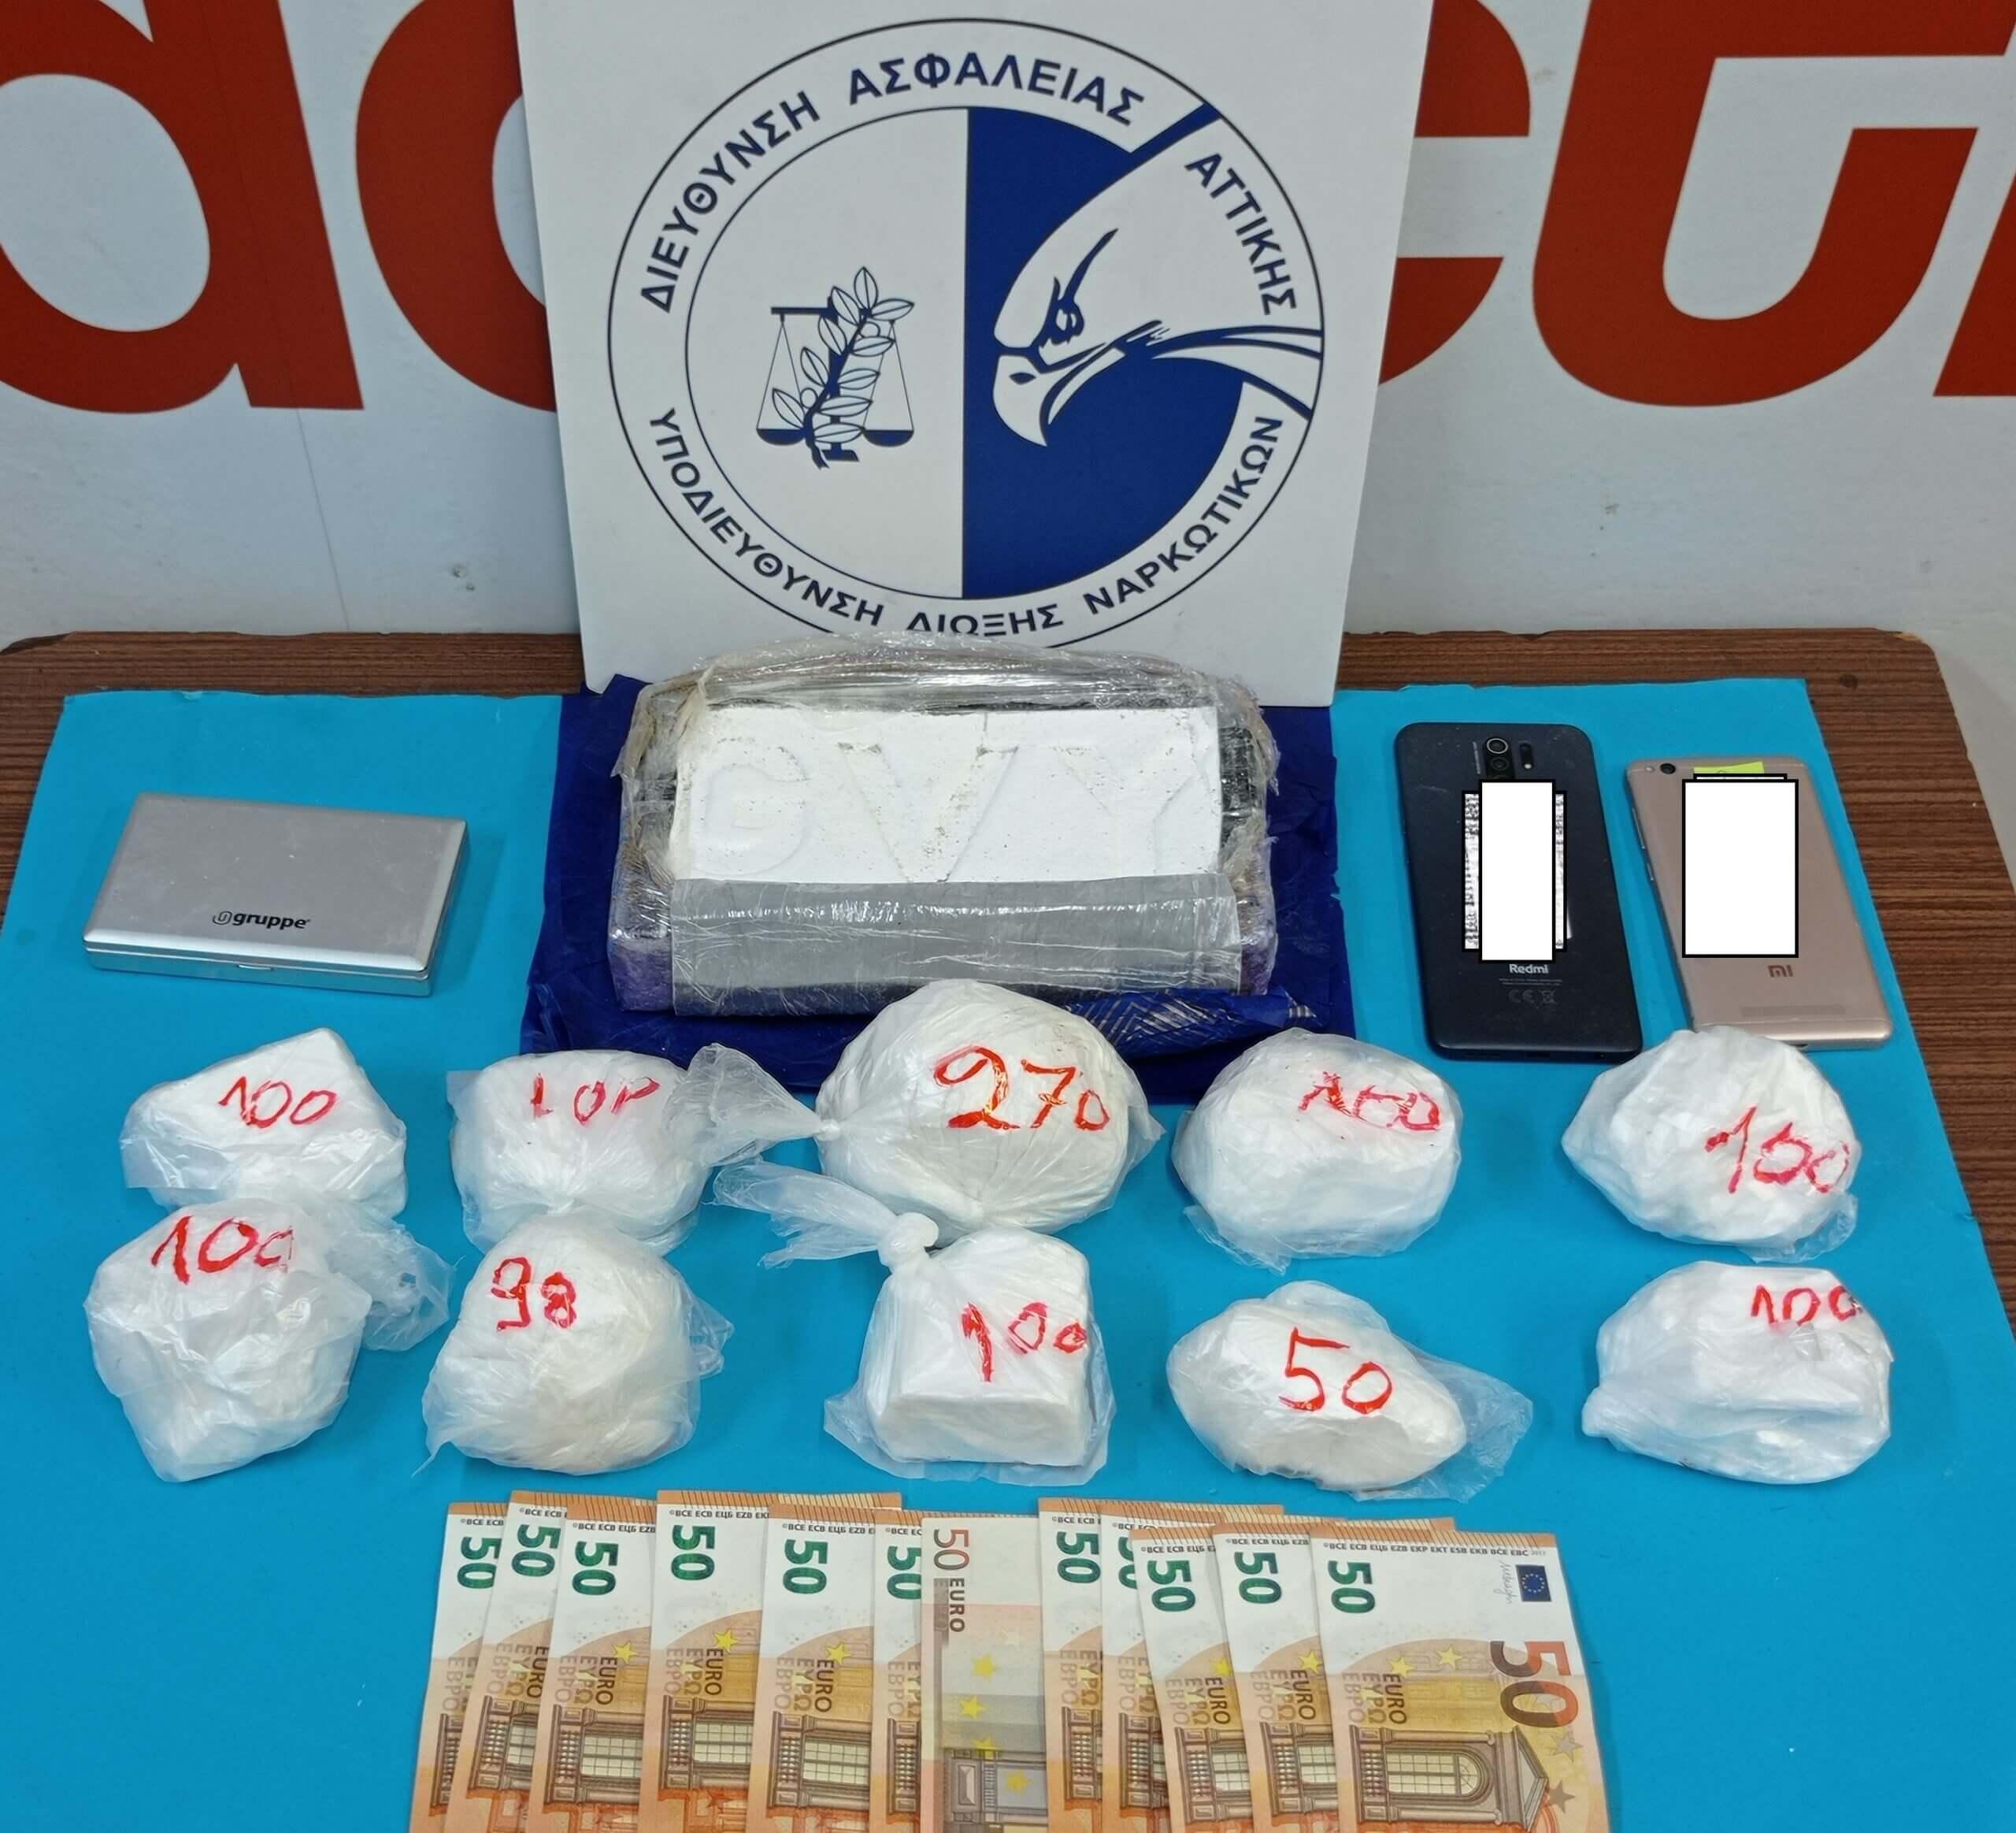 Συνελήφθη 29χρονος ημεδαπός για διακίνηση κοκαΐνης στην ευρύτερη περιοχή της Νέας Σμύρνης και της Καλλιθέας